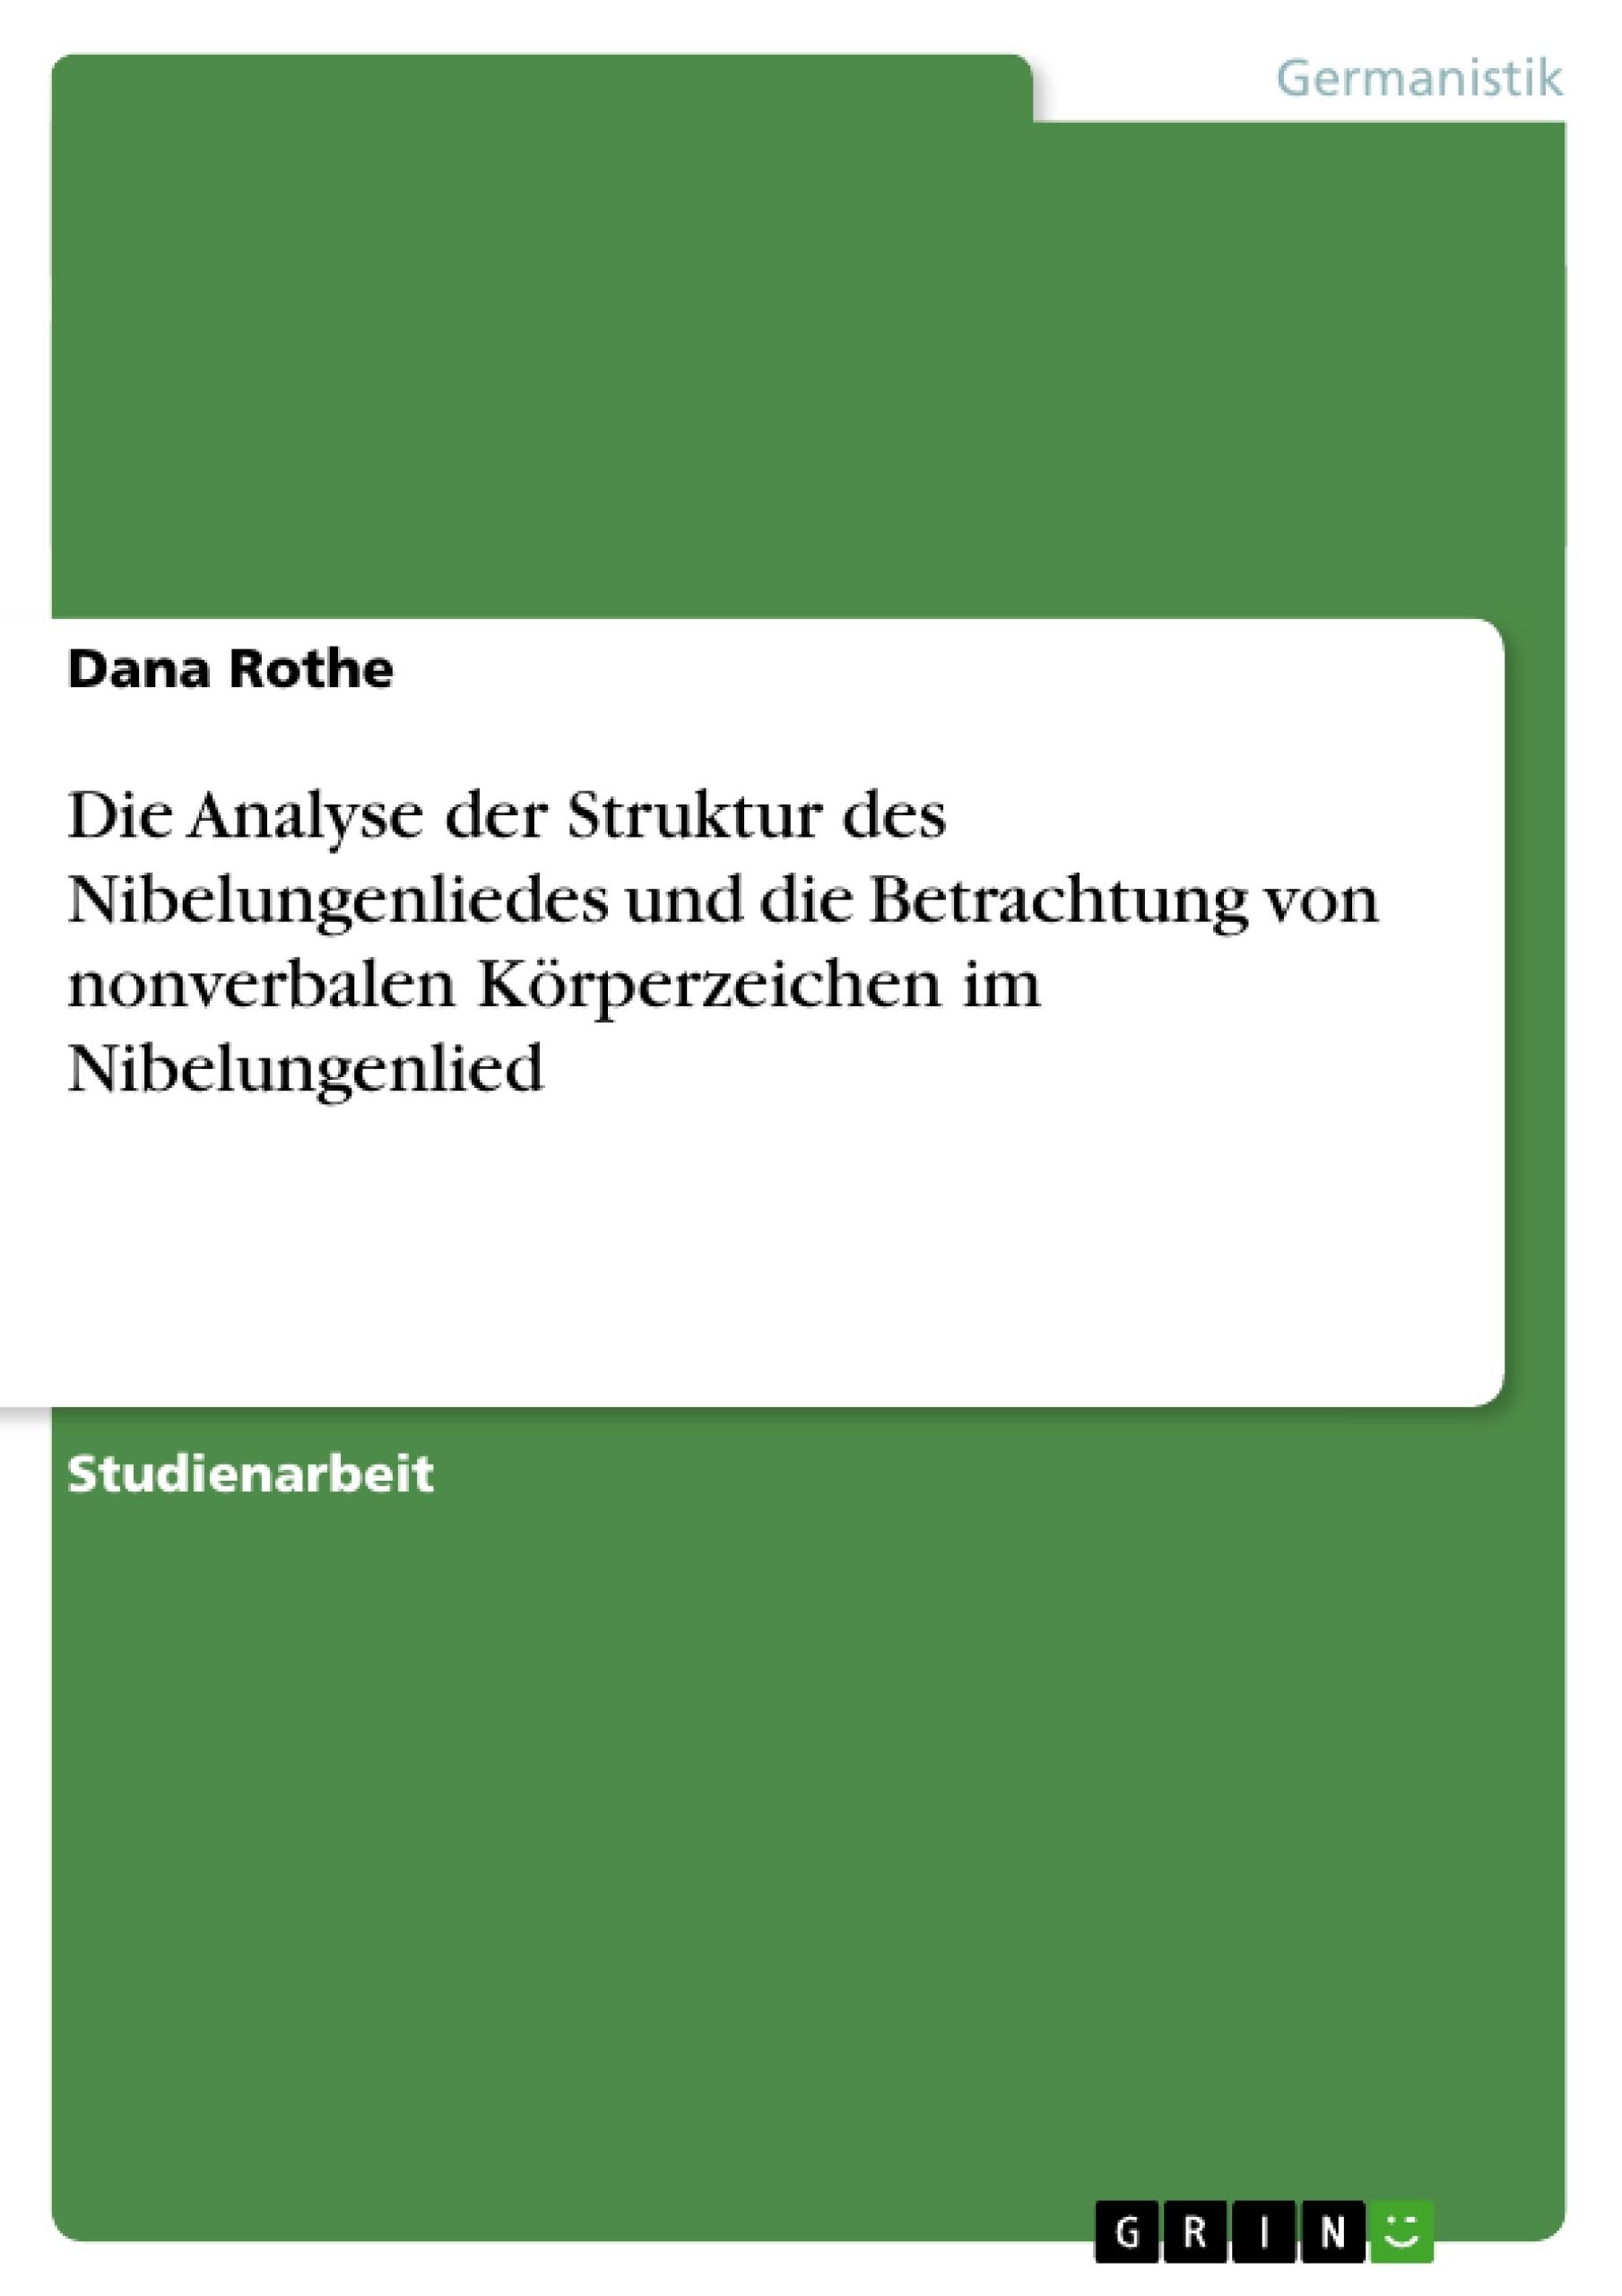 Titel: Die Analyse der Struktur des Nibelungenliedes und die Betrachtung von nonverbalen Körperzeichen im Nibelungenlied